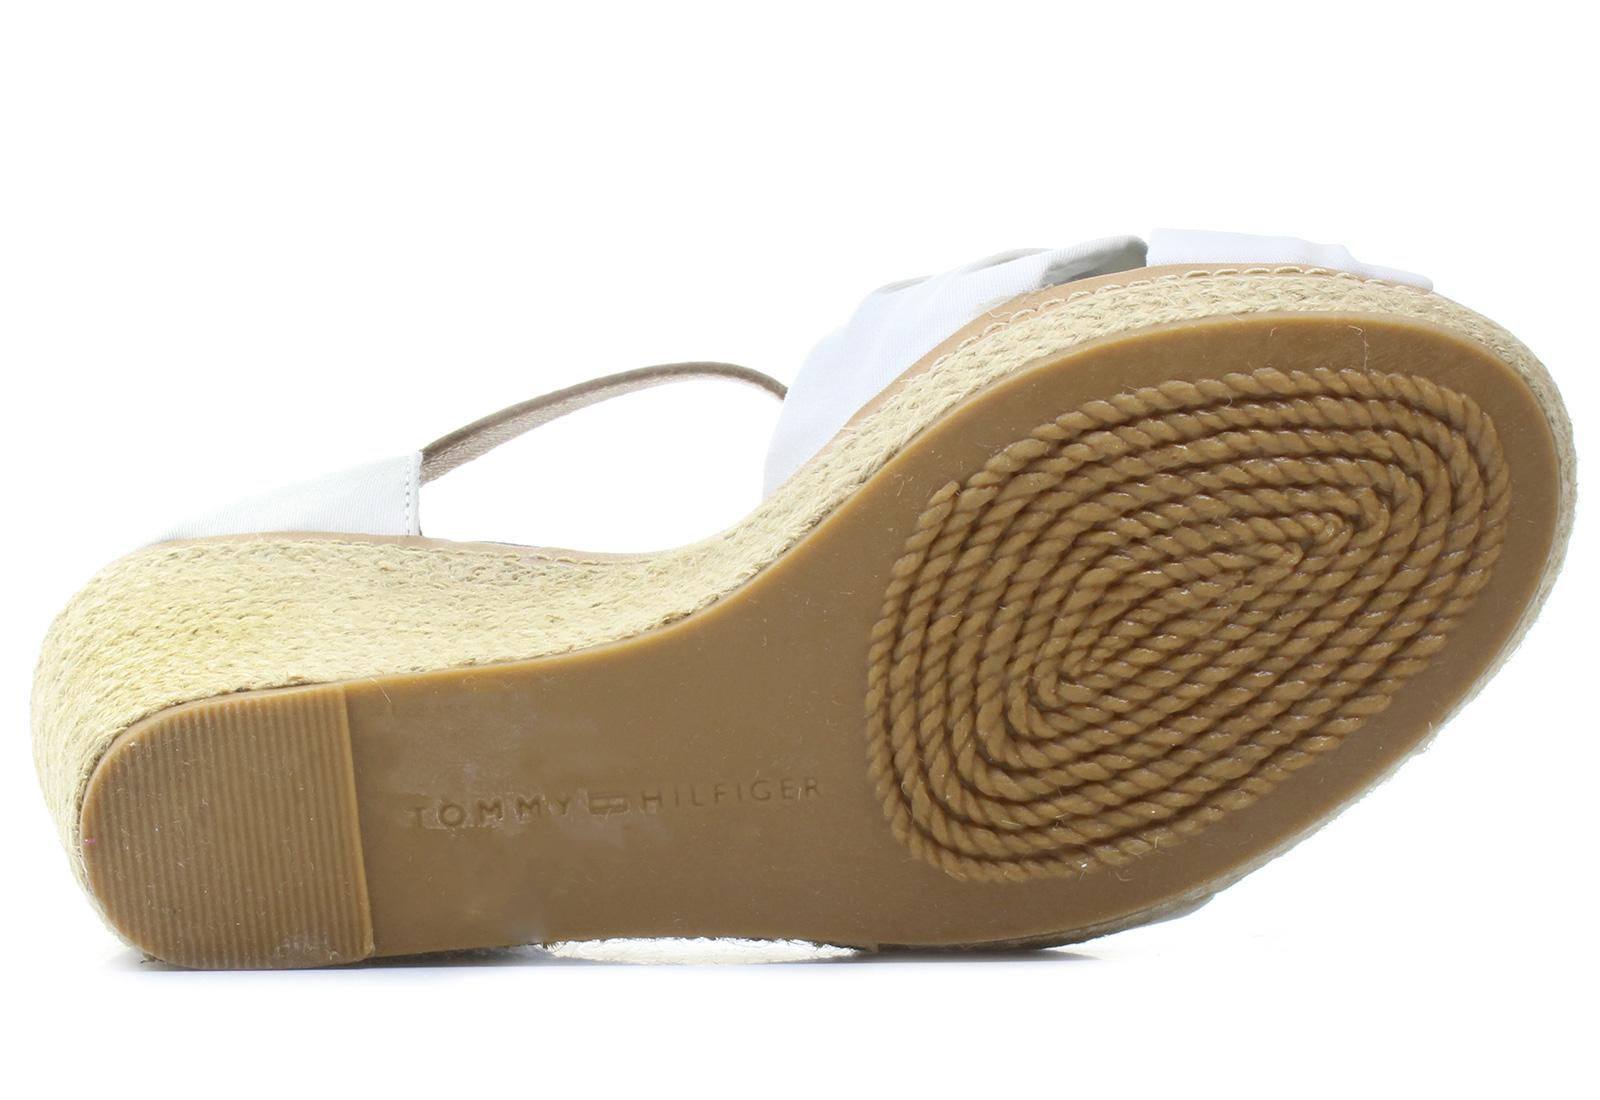 tommy hilfiger sandals emery 54d 14s 6770 100 online shop for. Black Bedroom Furniture Sets. Home Design Ideas